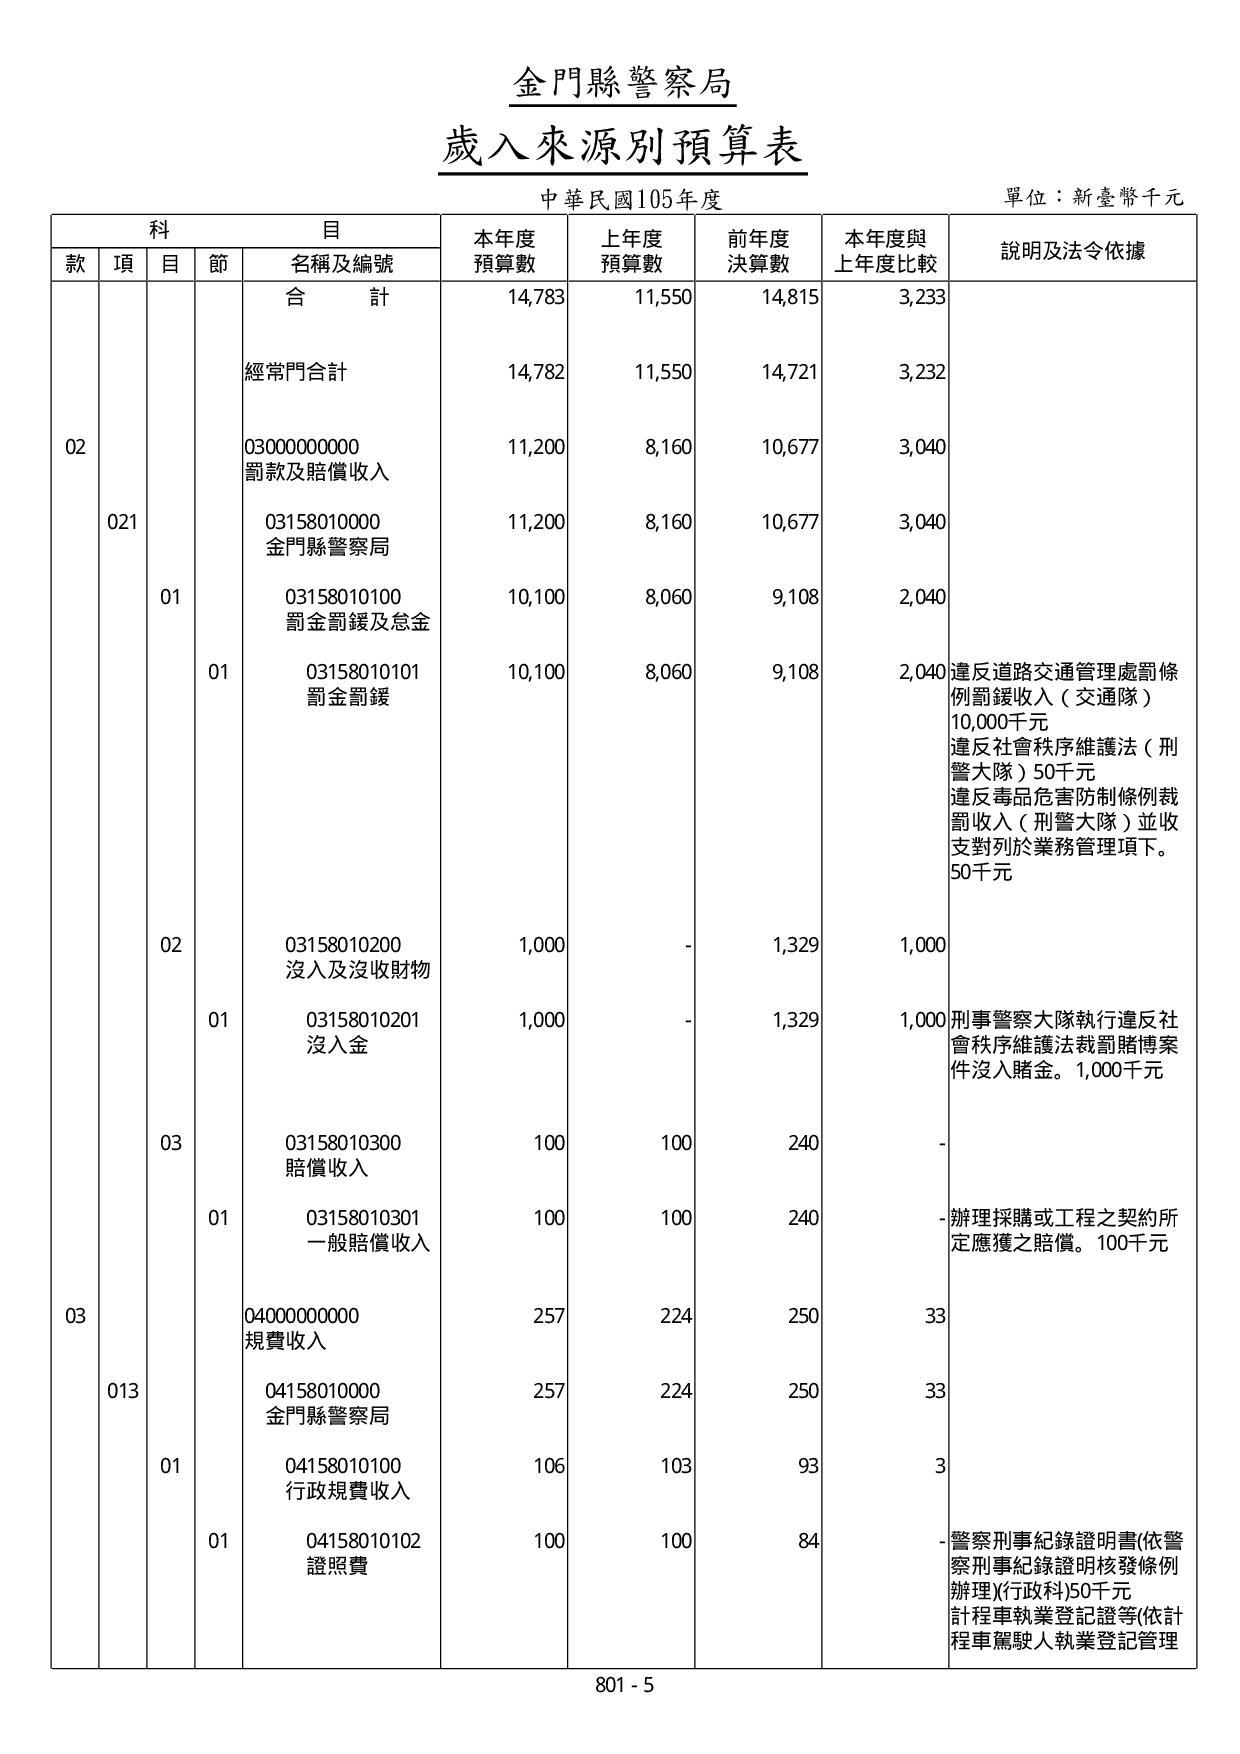 105年度歲入來源別預算表